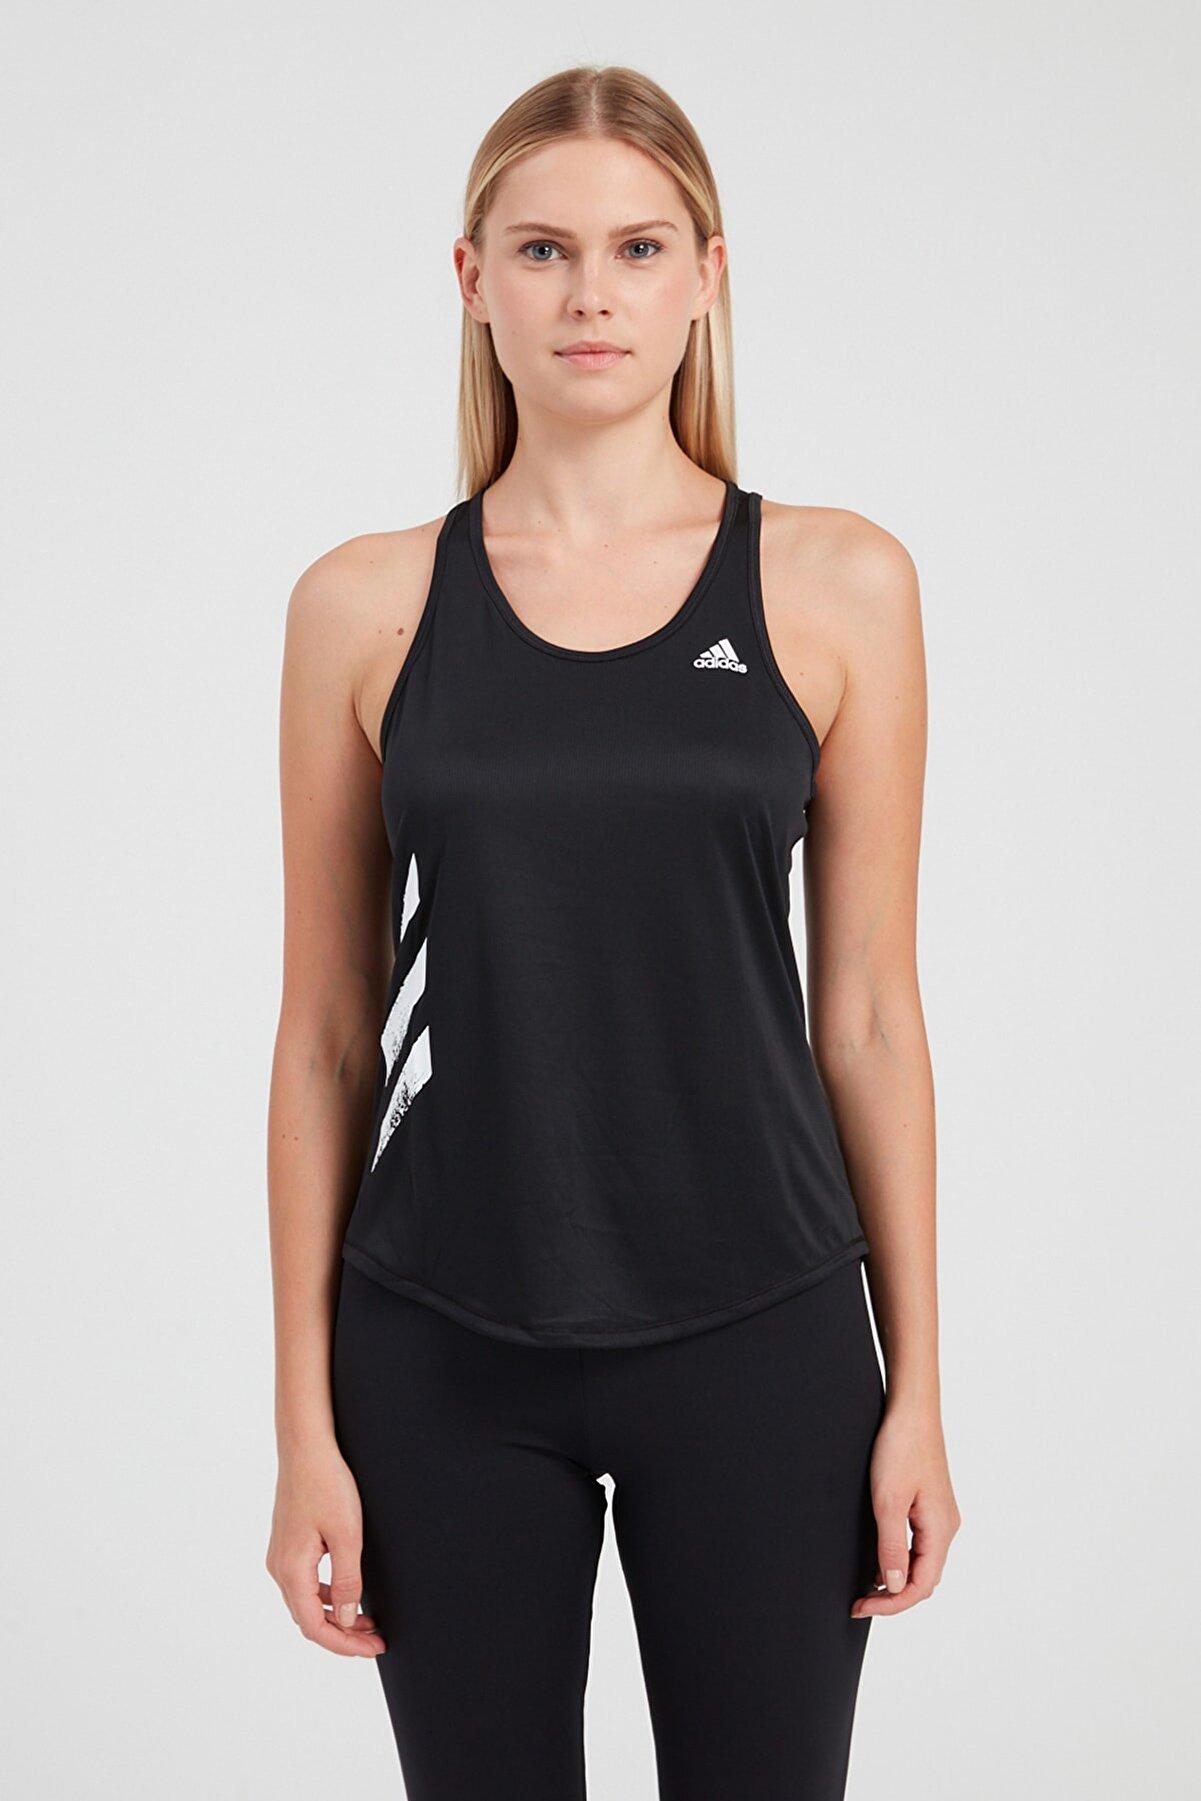 adidas RUN IT TANK 3S Siyah Kadın Kolsuz T-Shirt 101069138